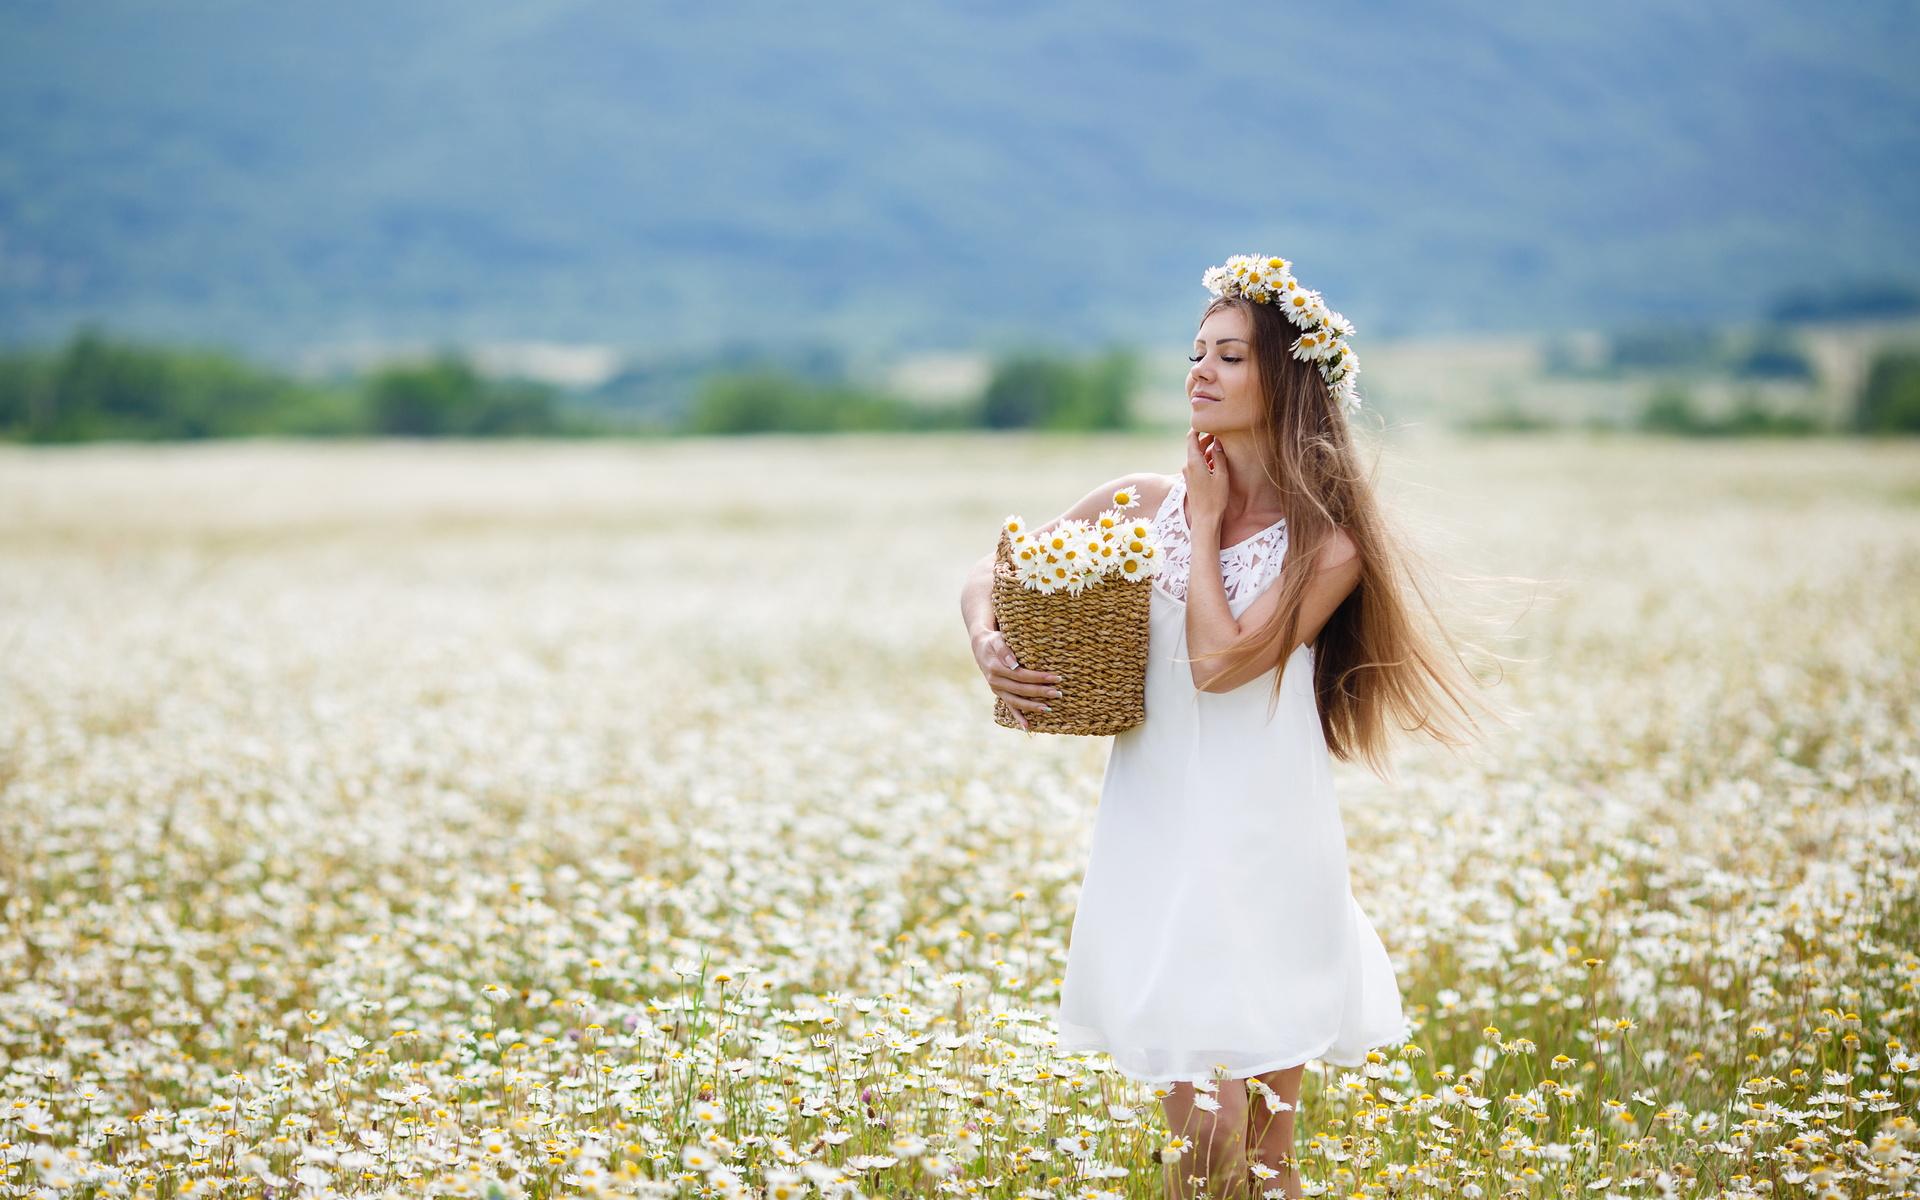 девушка на поле с венком на голове из ромашек